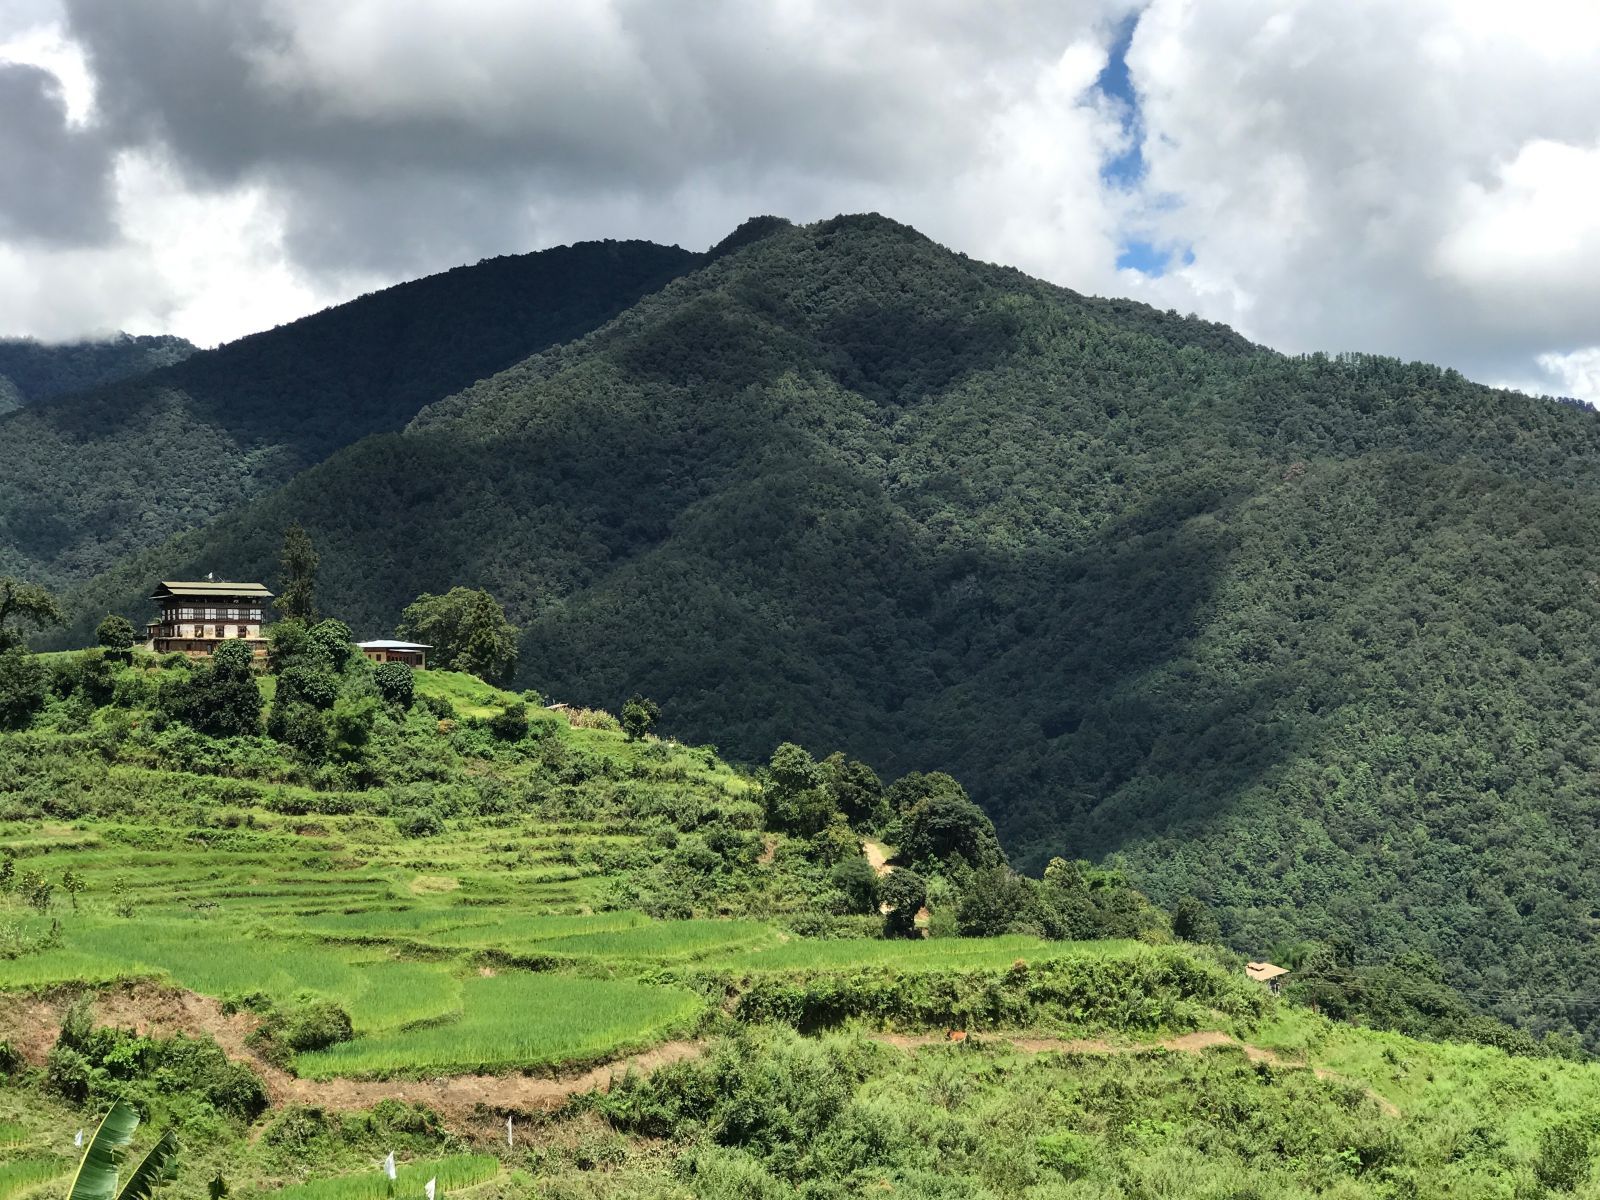 Bauernhaus auf grünen Hügeln in den indischen Bergen im Himalaya-Gebirge